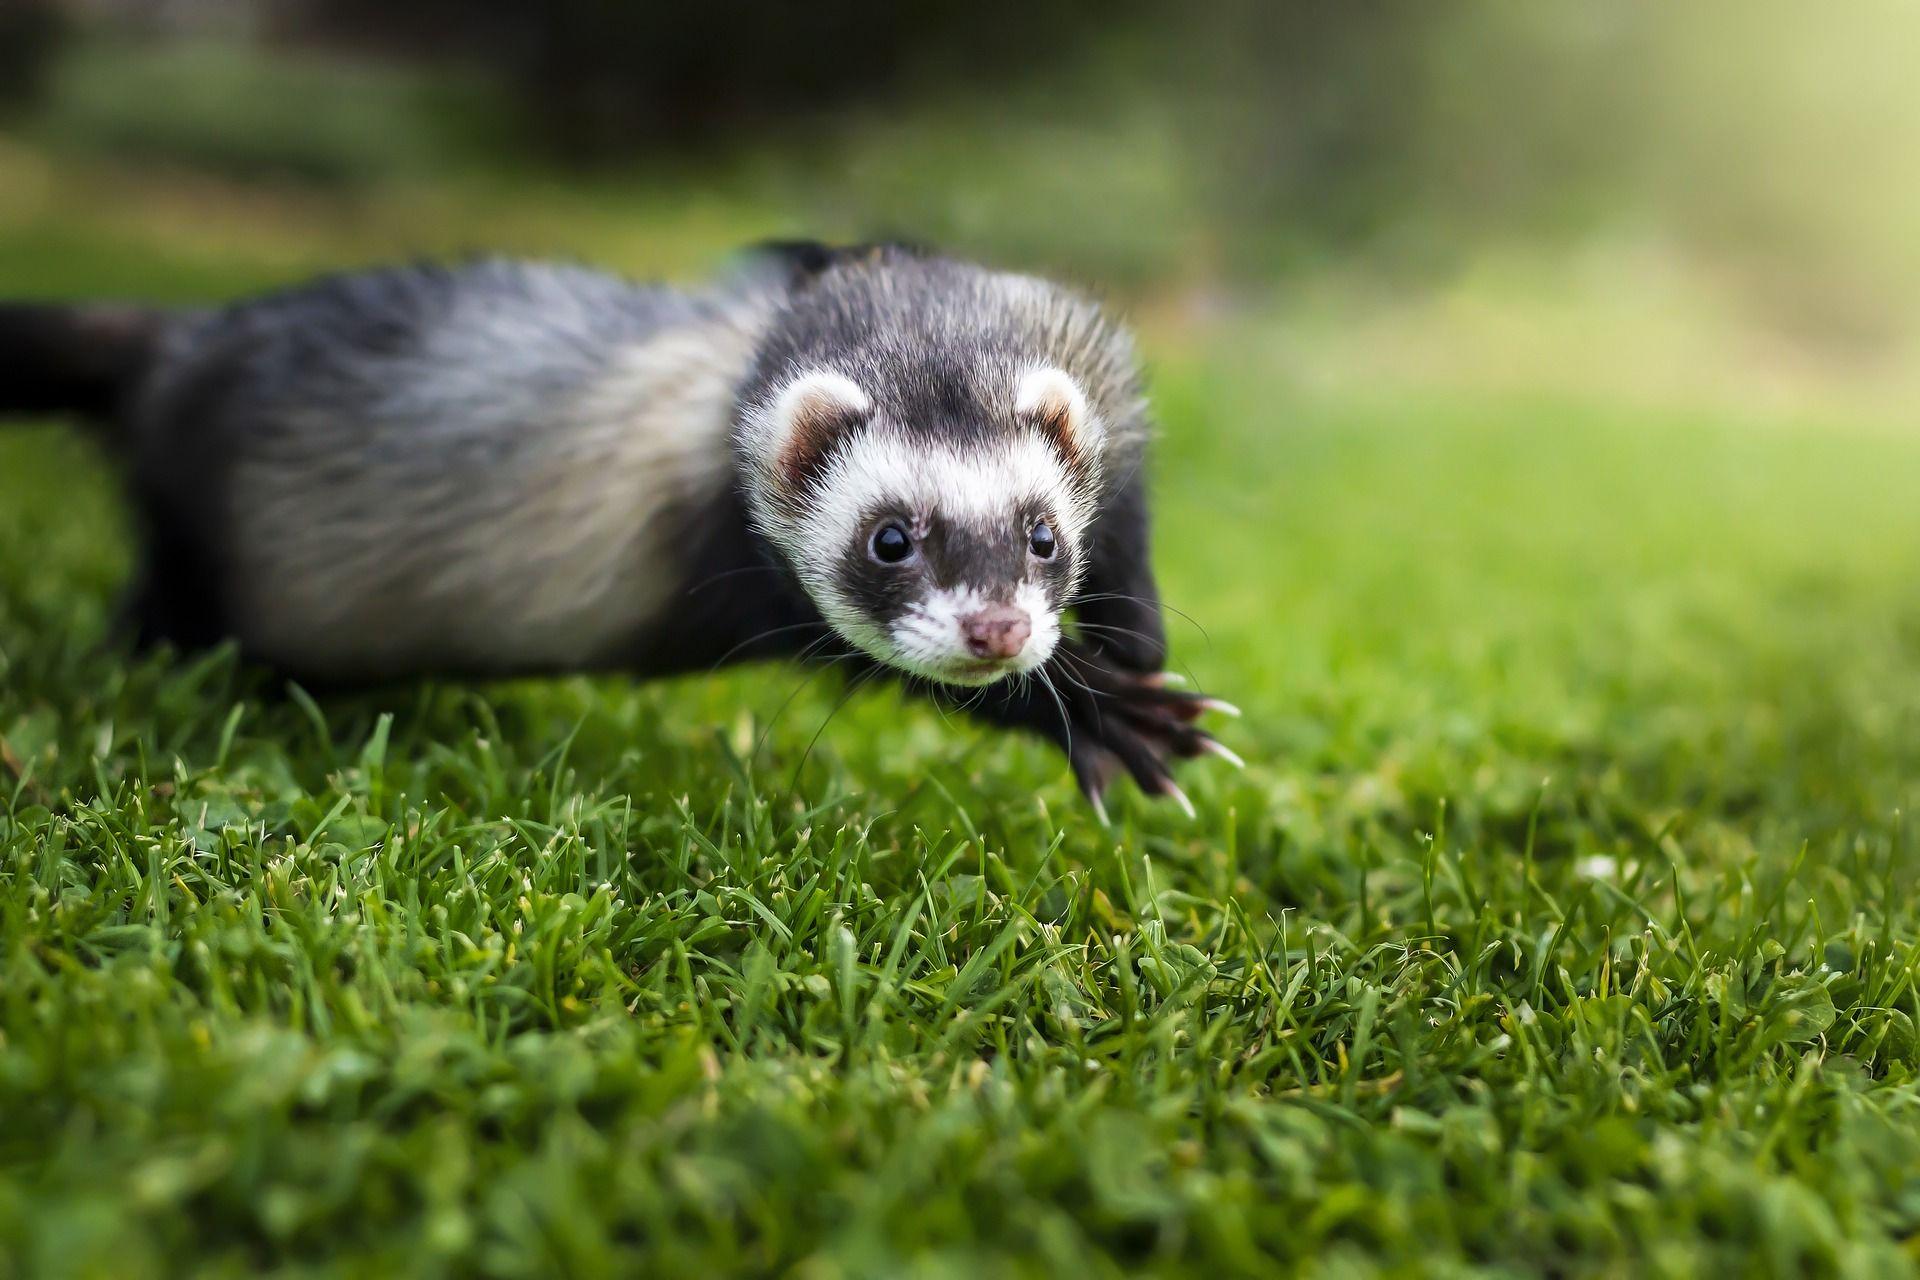 Скачать онлайн бесплатно красивую картинку хорька в траве